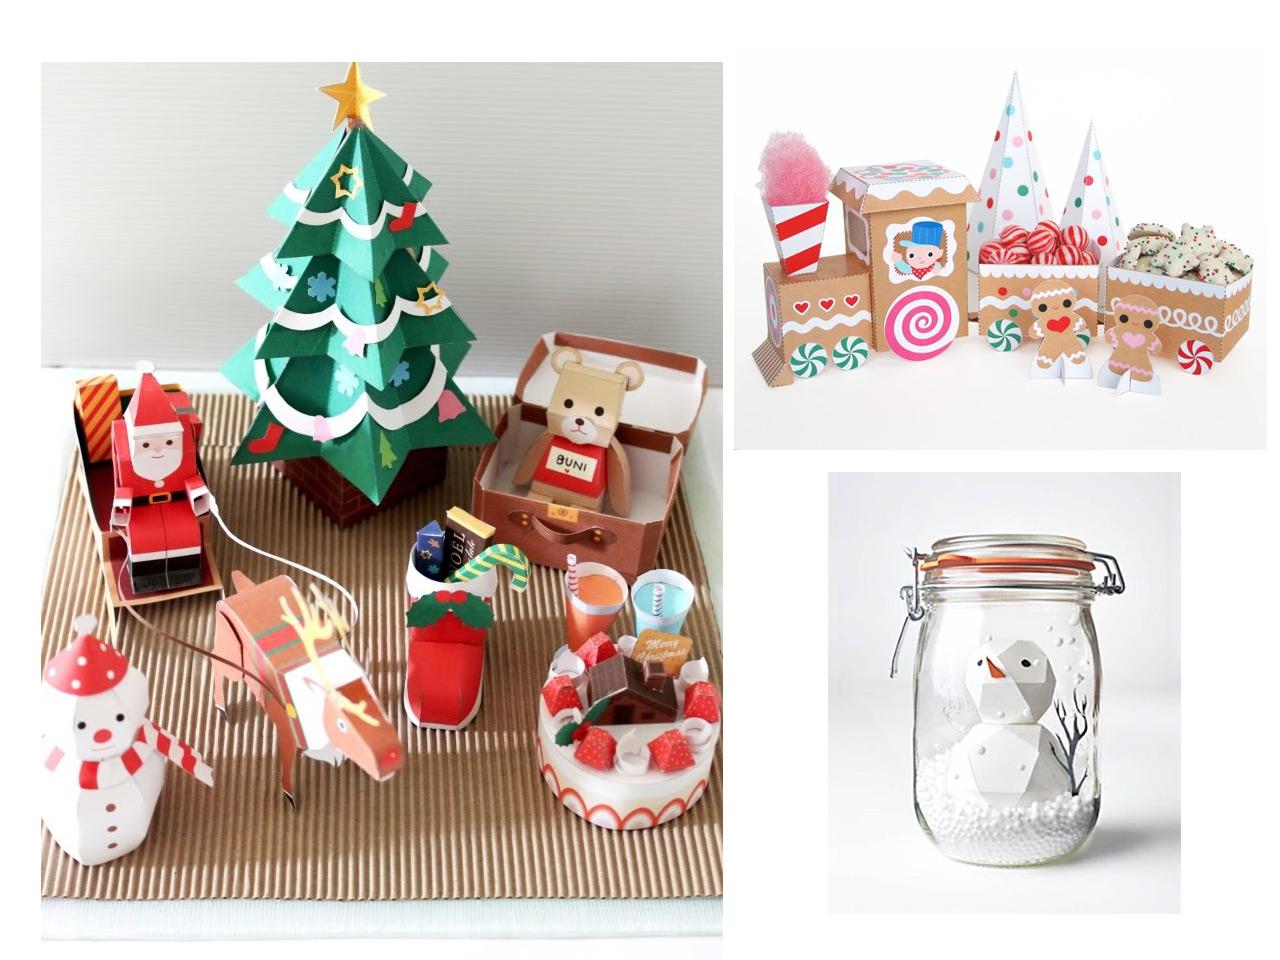 0214fa4afb1 Muñecos de Navidad vistos en Irene s getting fat